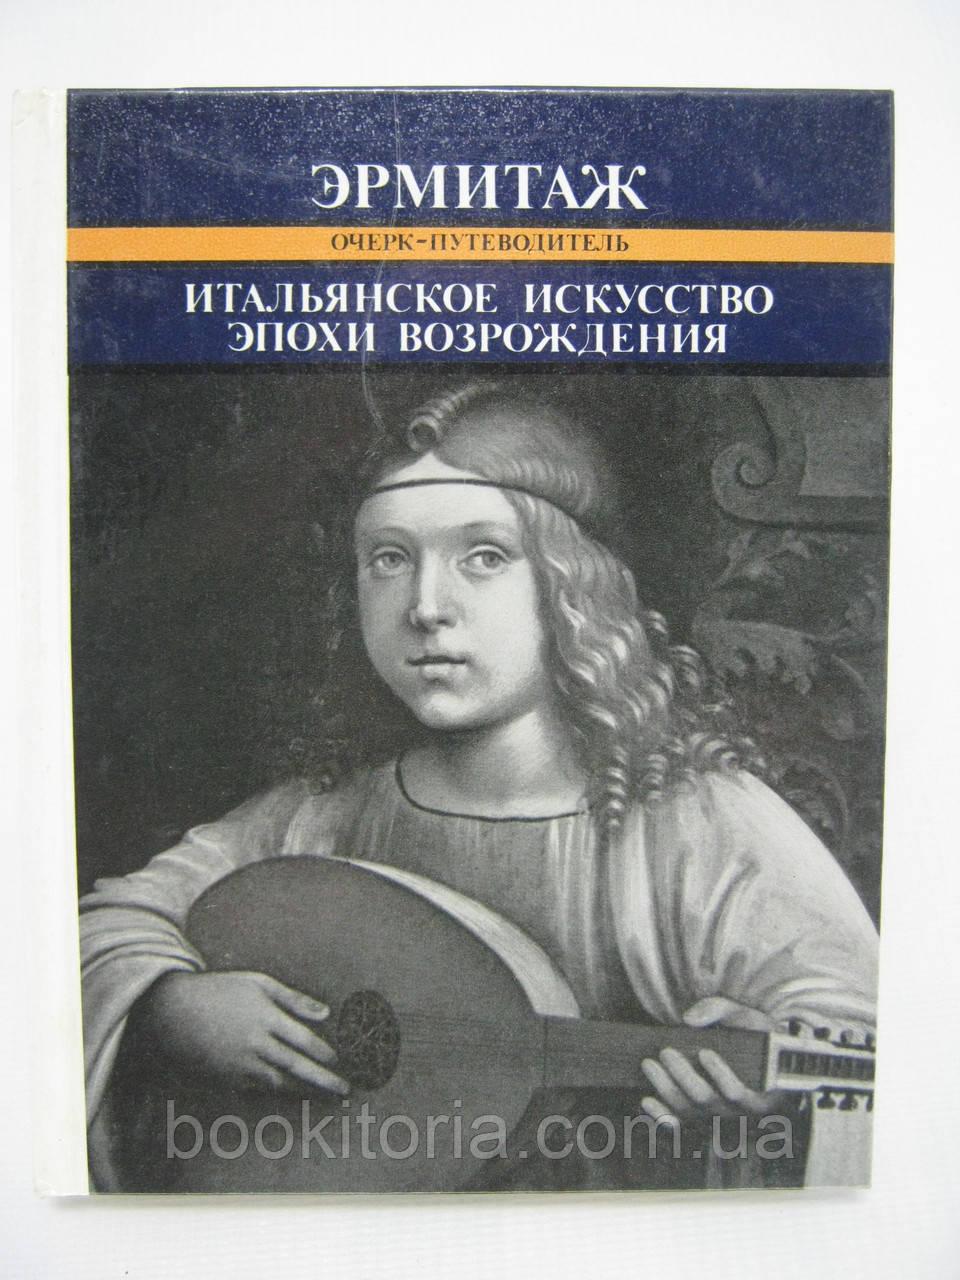 Кустодиева Т.К. Итальянское искусство эпохи Возрождения (б/у).